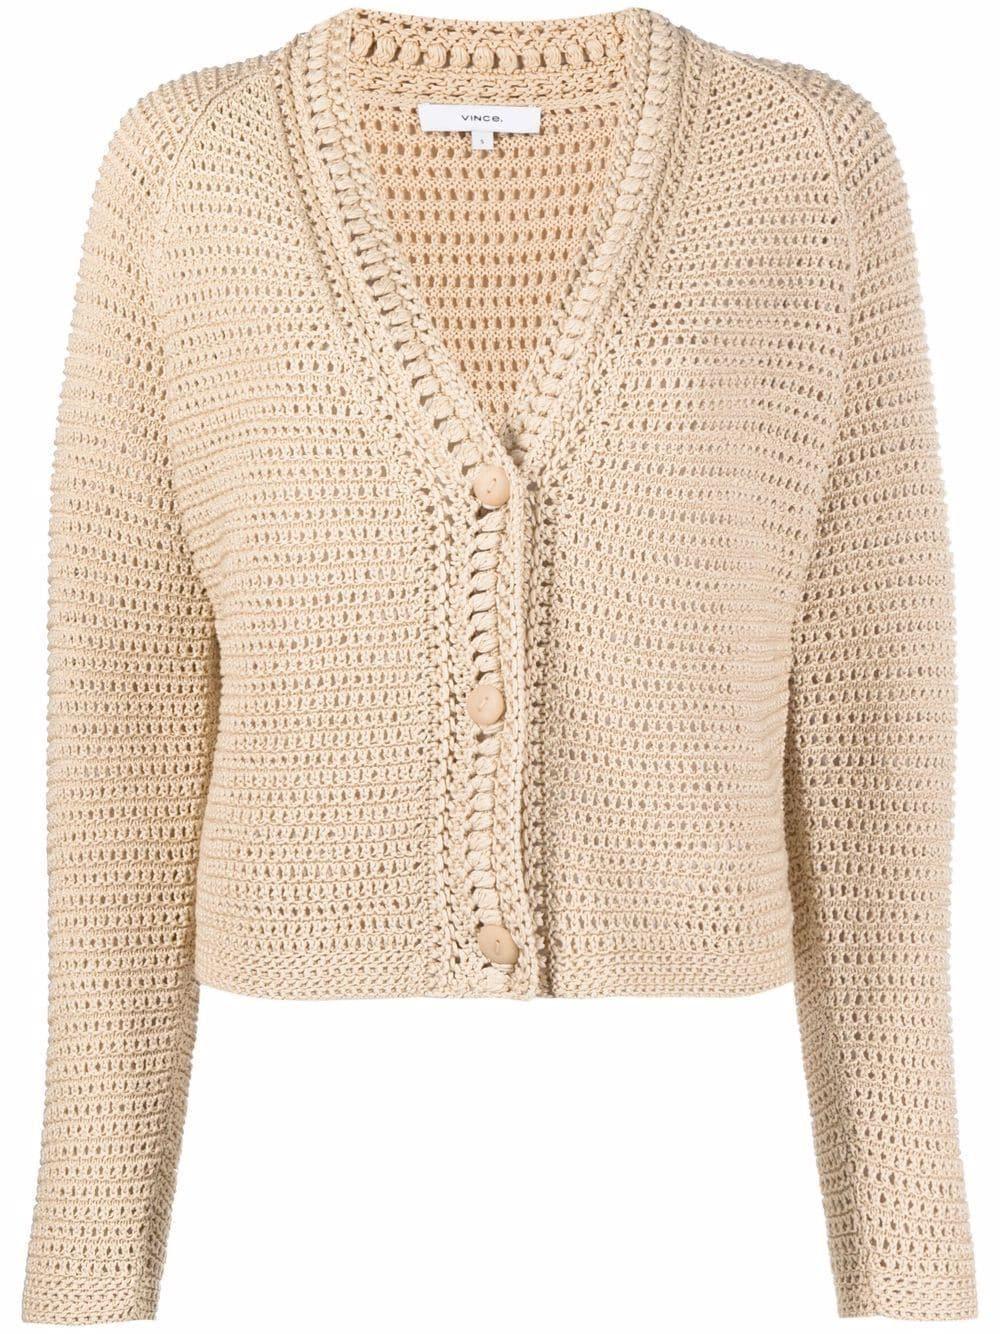 Crochet Cardigan Item # V733478715